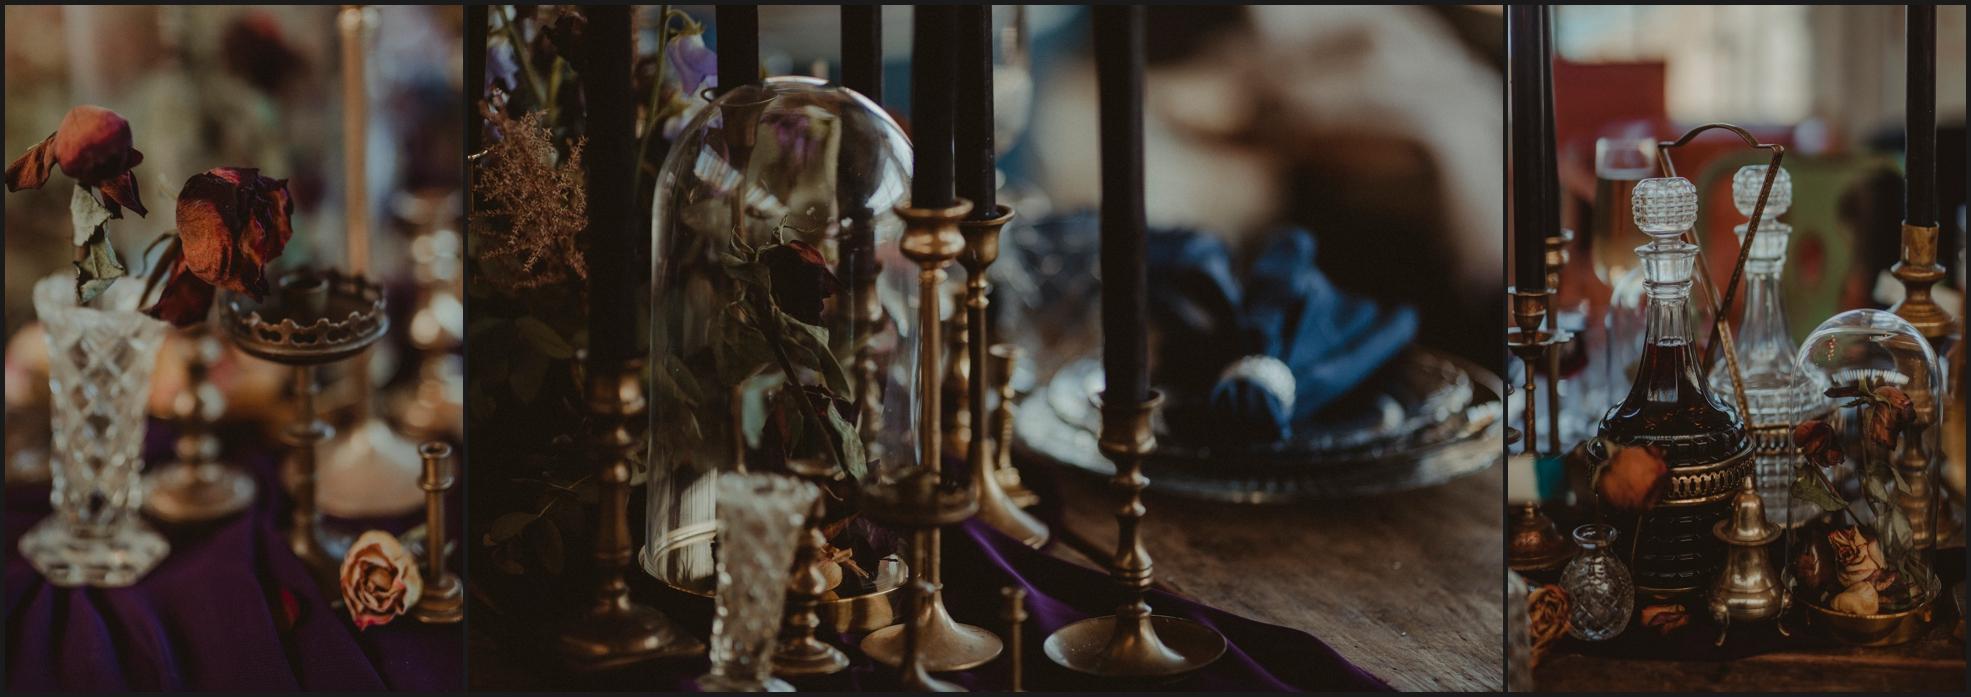 wedding details, vintage wedding, candles